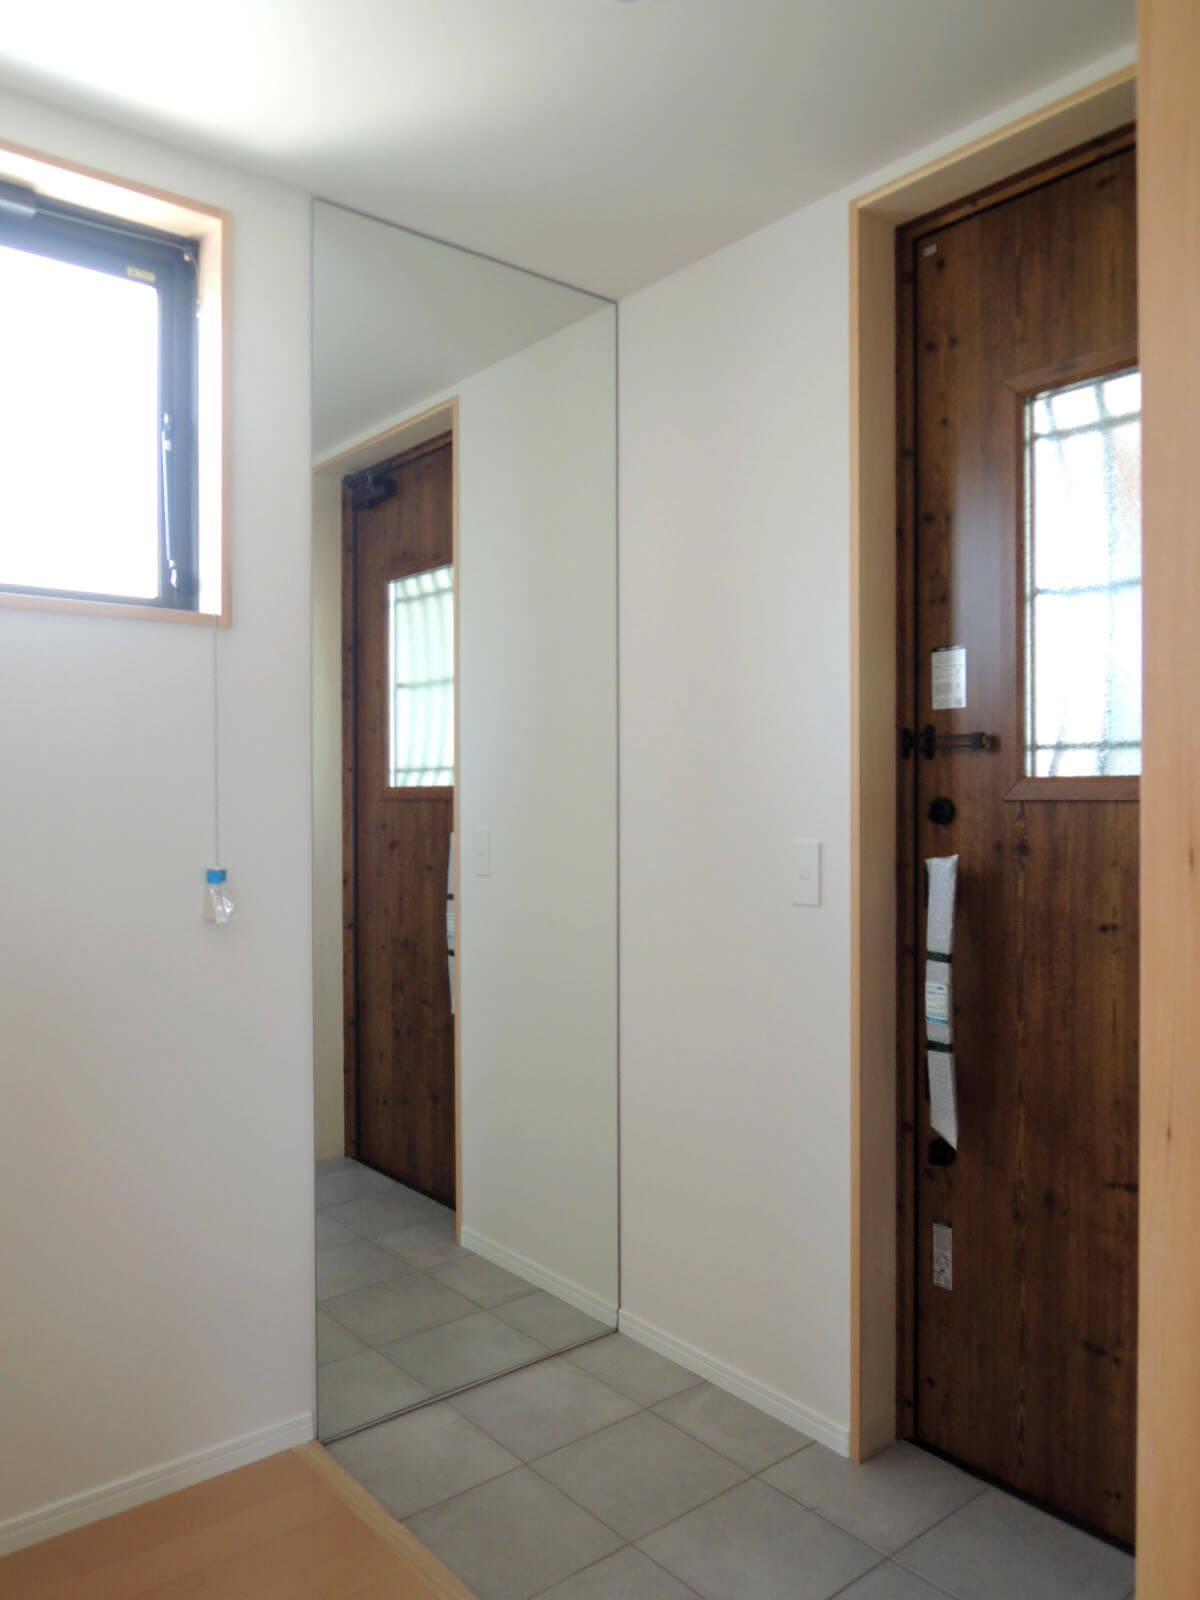 玄関の姿見は想像以上に役立ちます